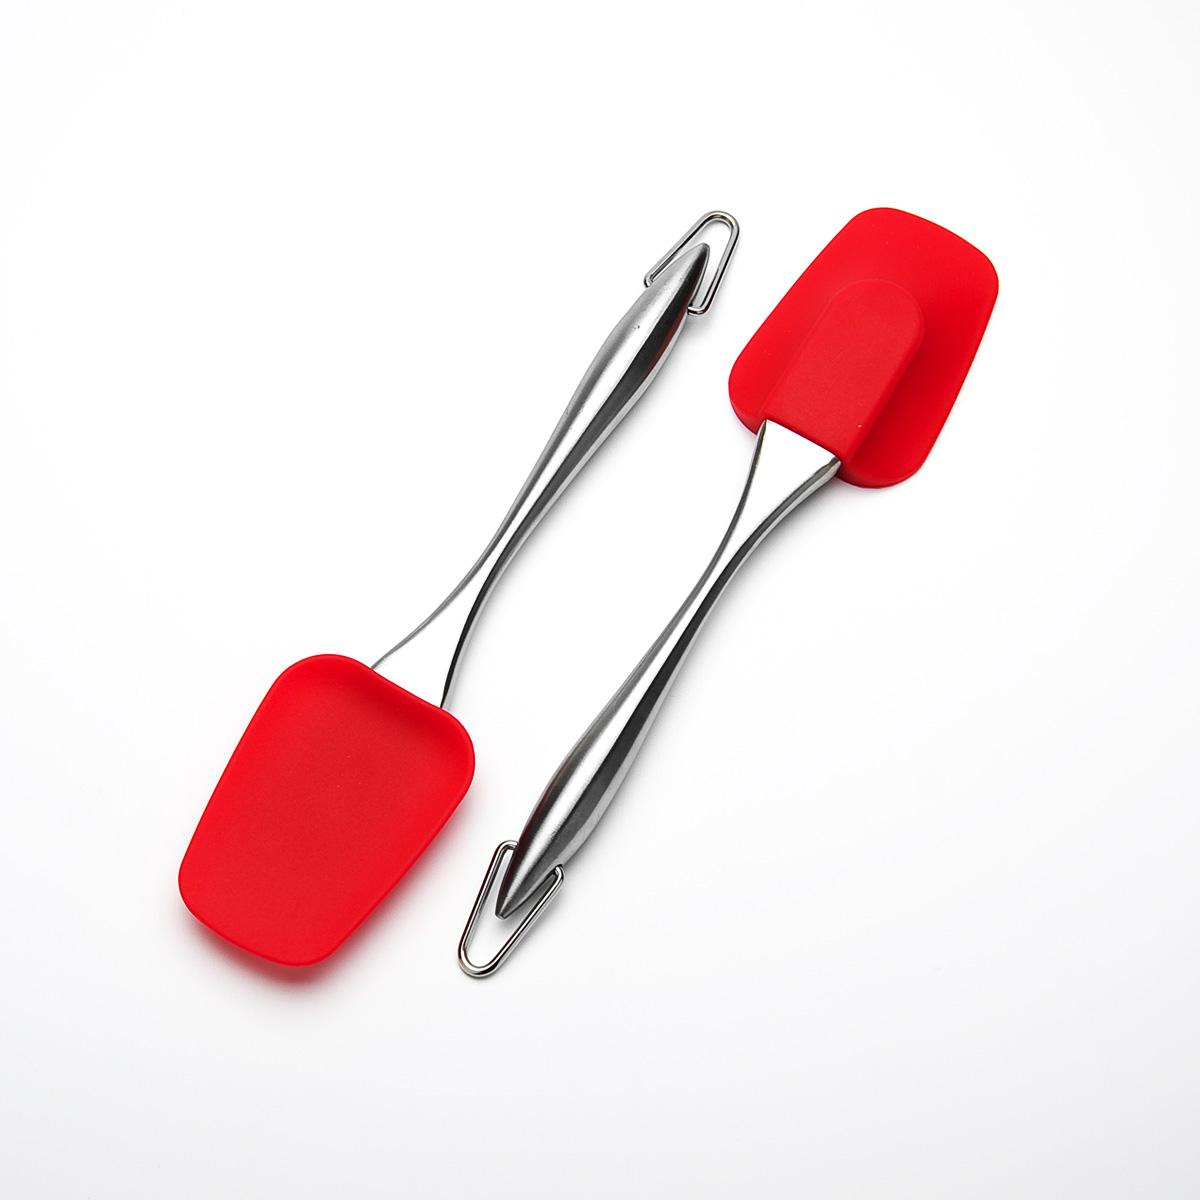 Лопатка кулинарная Mayer & Boch, цвет: красный, длина 26 см23160Кулинарная лопатка Mayer & Boch станет вашим незаменимым помощником на кухне. Рабочая часть лопатки выполнена из силикона, ручка изготовлена из прочной нержавеющей стали. Силиконовая часть лопатки выдерживает температуру до +230°С. Силикон абсолютно безвреден для здоровья, не впитывает запахи, не оставляет пятен, легко моется. Кулинарная лопатка Mayer & Boch - практичный и необходимый подарок любой хозяйке! Можно мыть в посудомоечной машине. Длина лопатки: 26 см. Размер рабочей части: 6,2 см х 8,7 см.